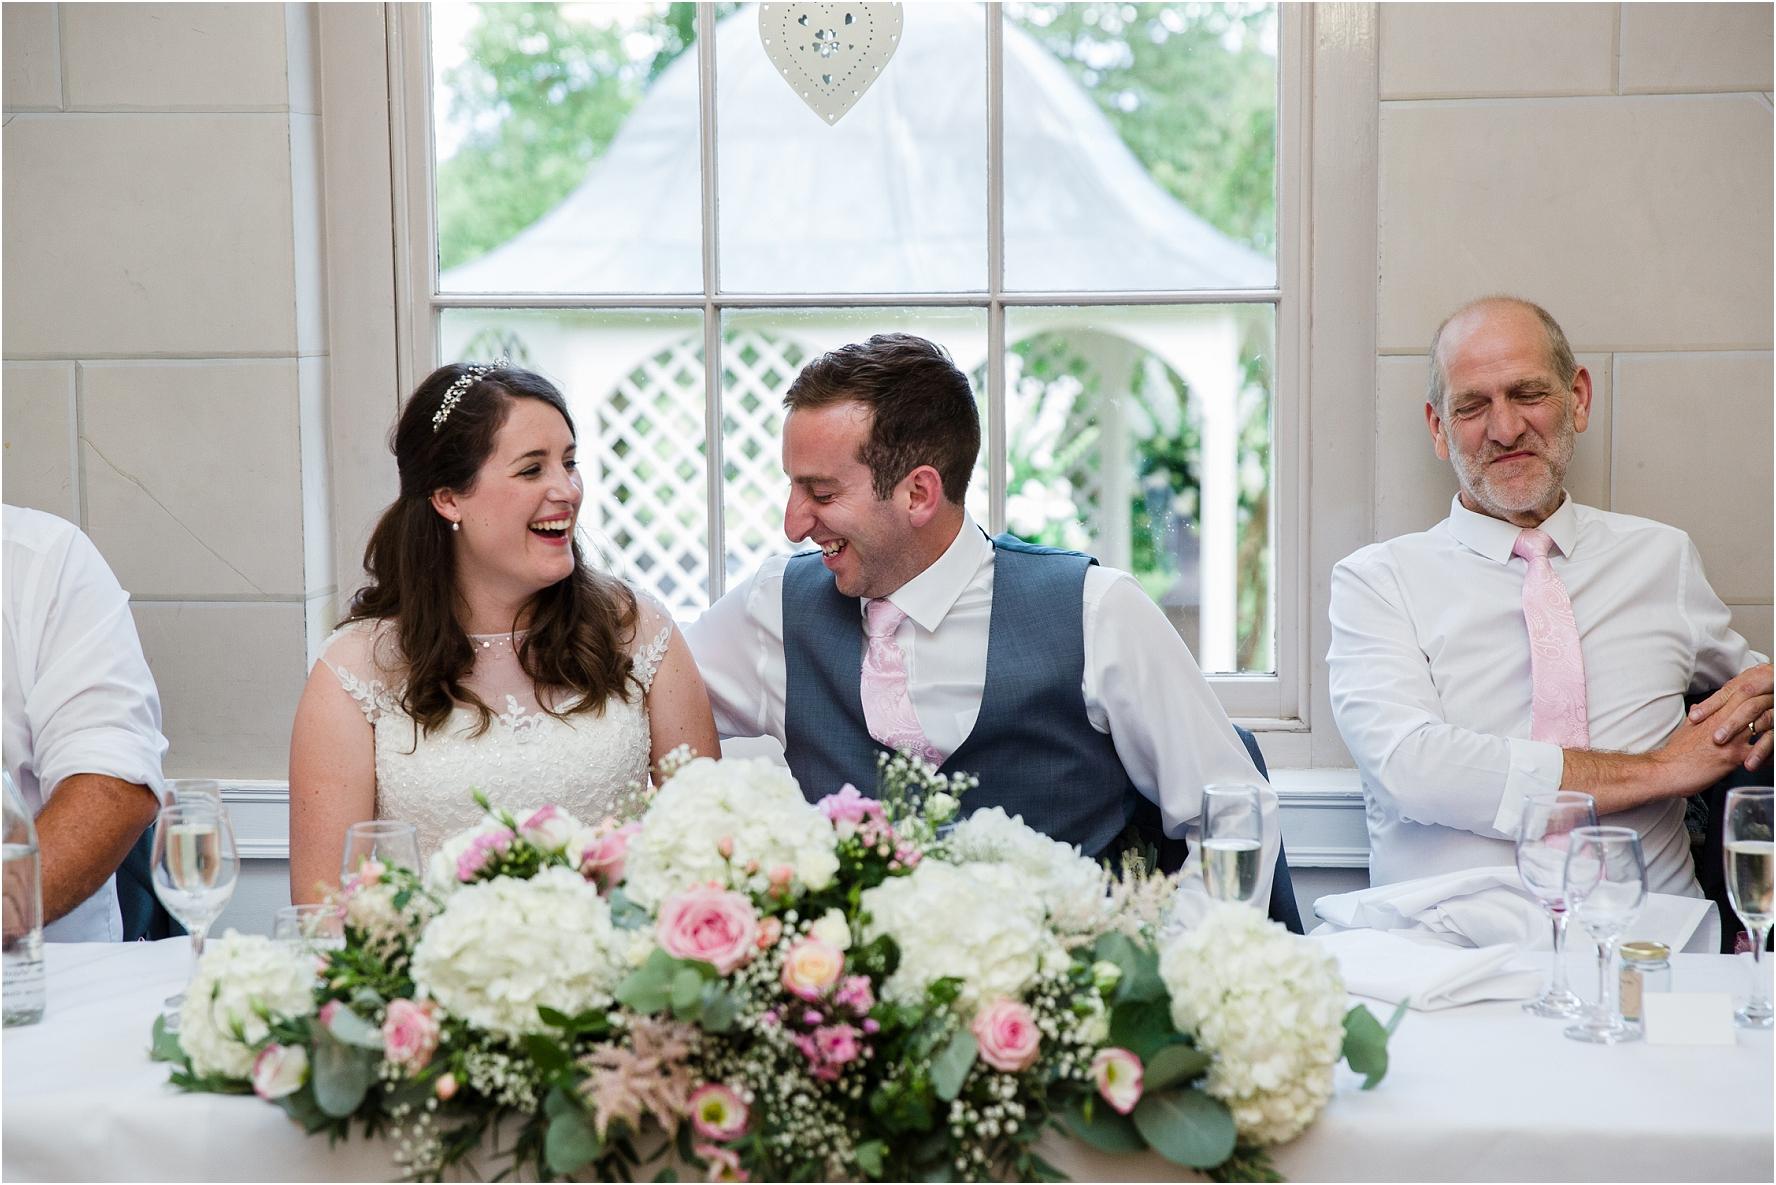 wedding-photography-norwood-park_0089